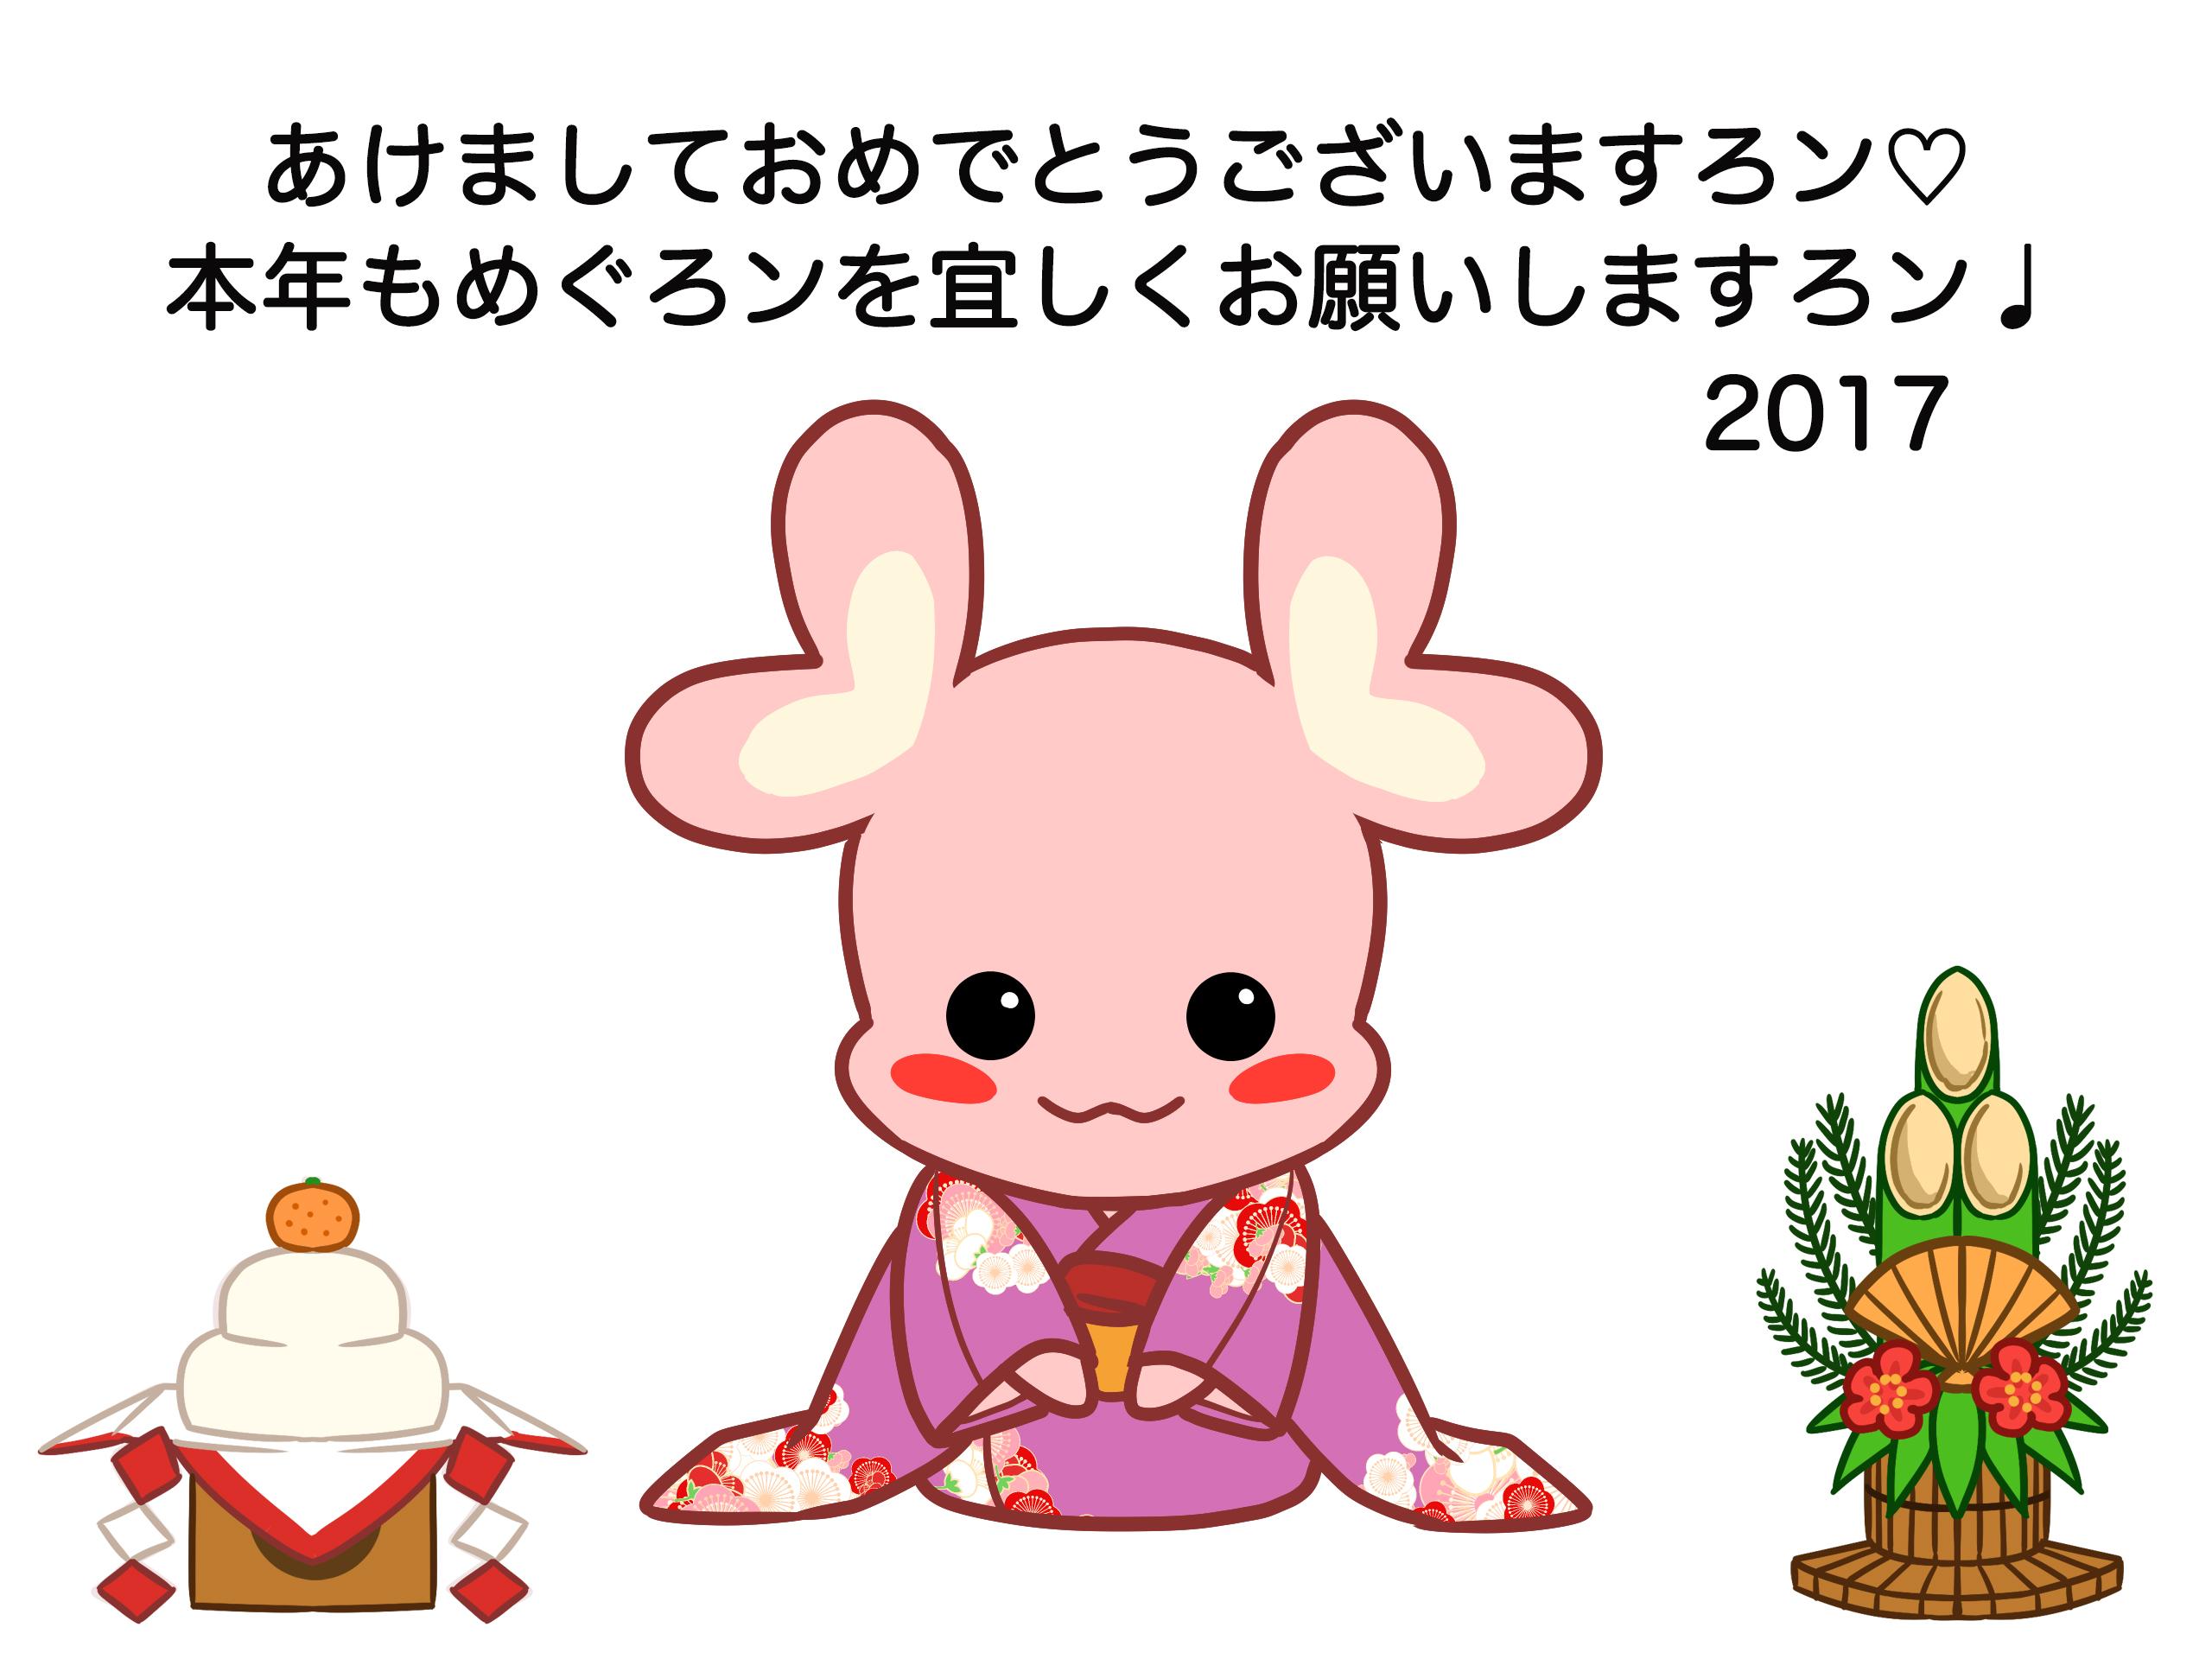 2017新春挨拶めぐろン